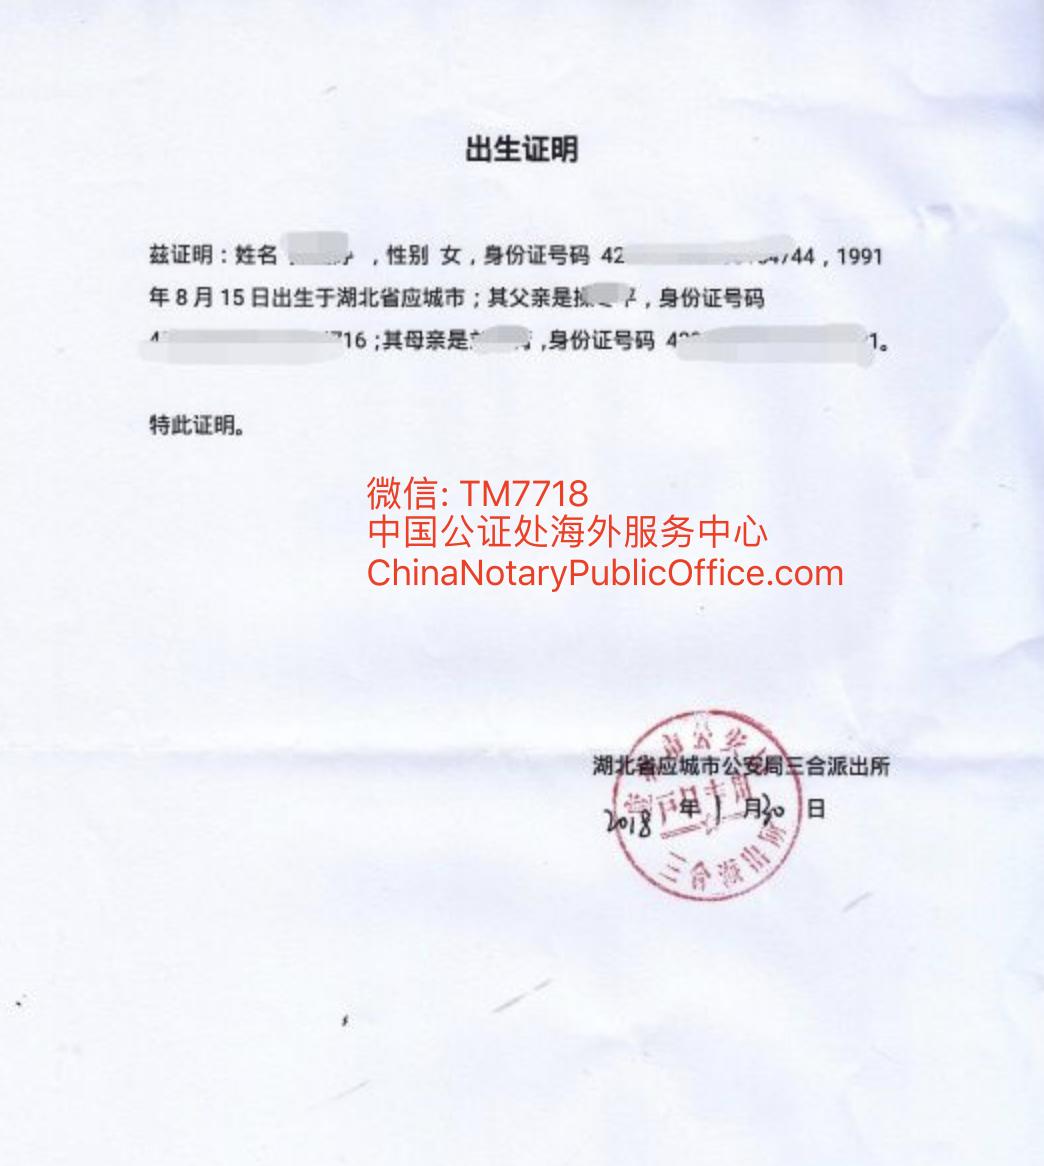 485前期准备 ,checklist,中国出生公证书,快速代办,中国公证处海外服务中心